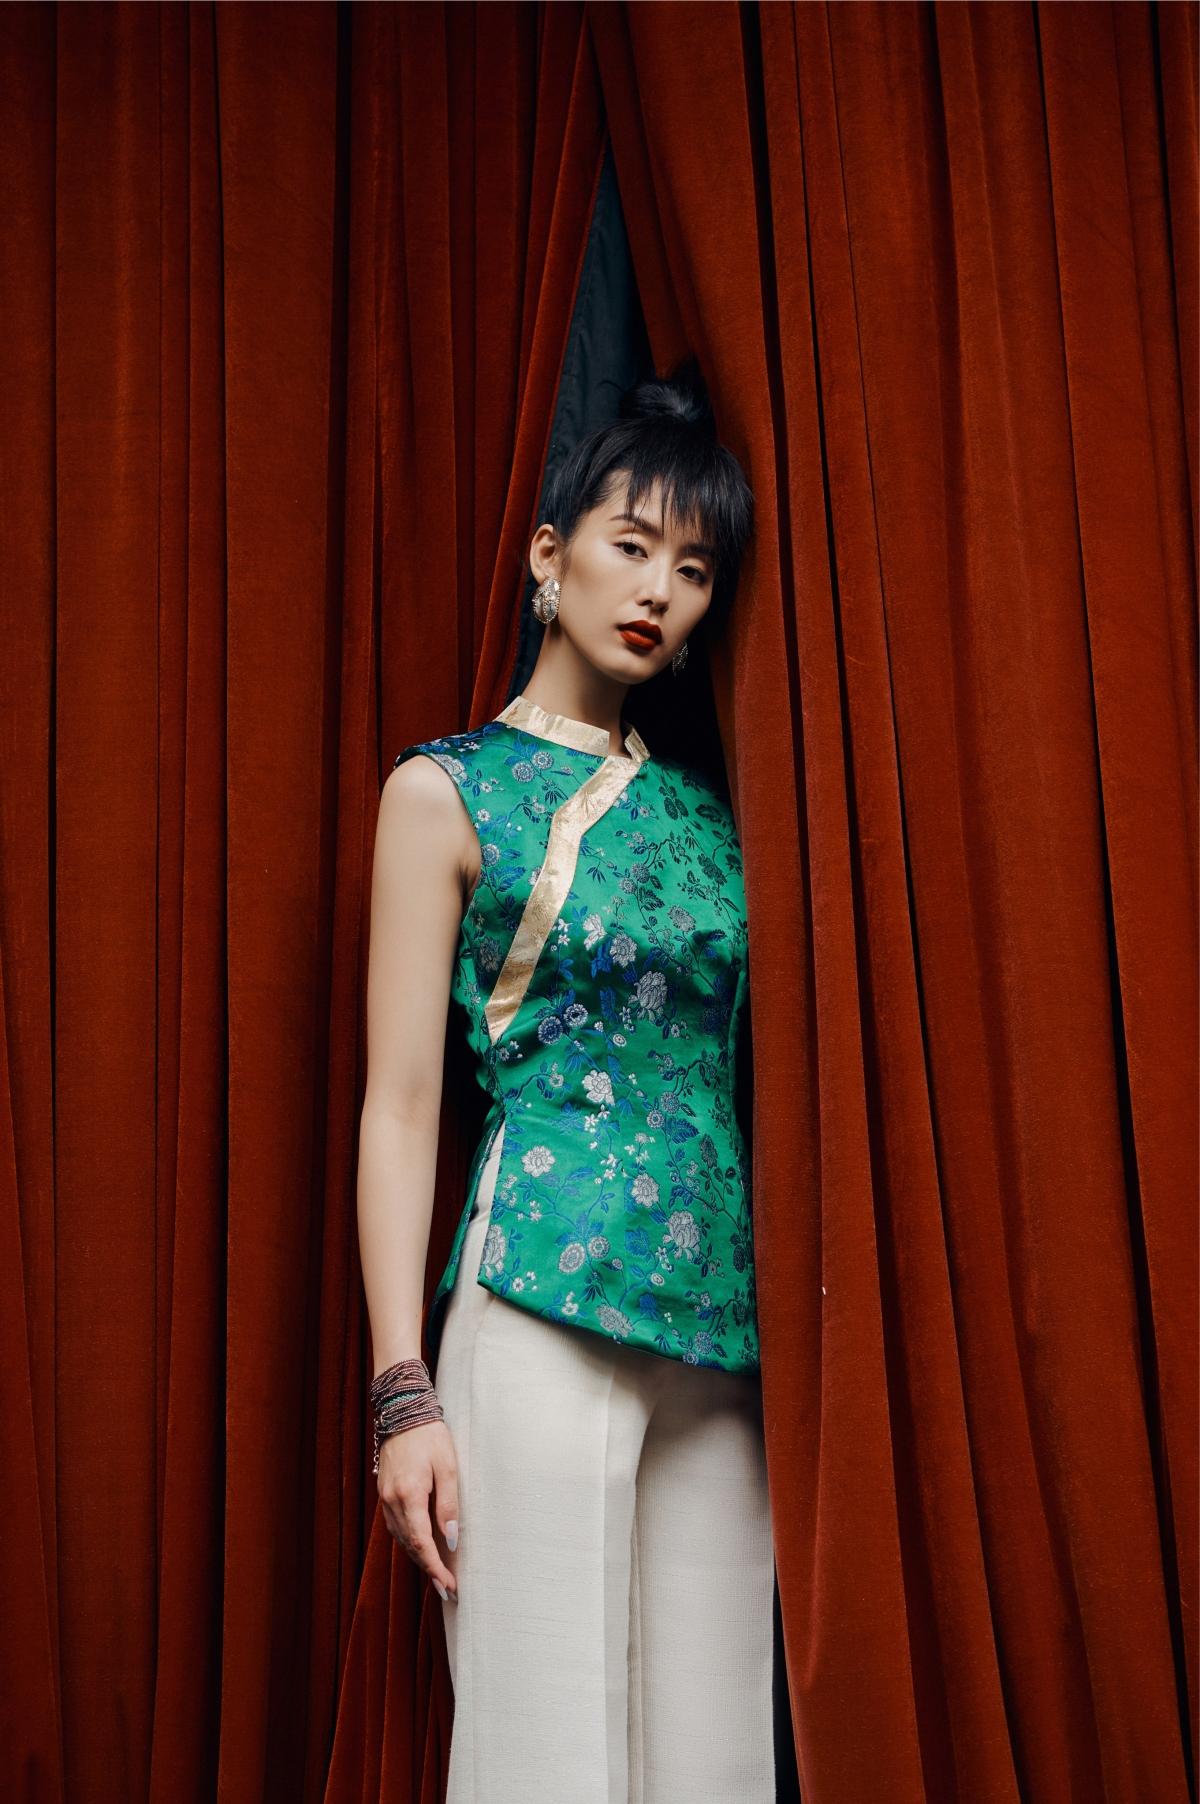 NTK muốn đem lại một tổng hòa nhẹ nhàng và tinh tế trong từng bộ trang phục.